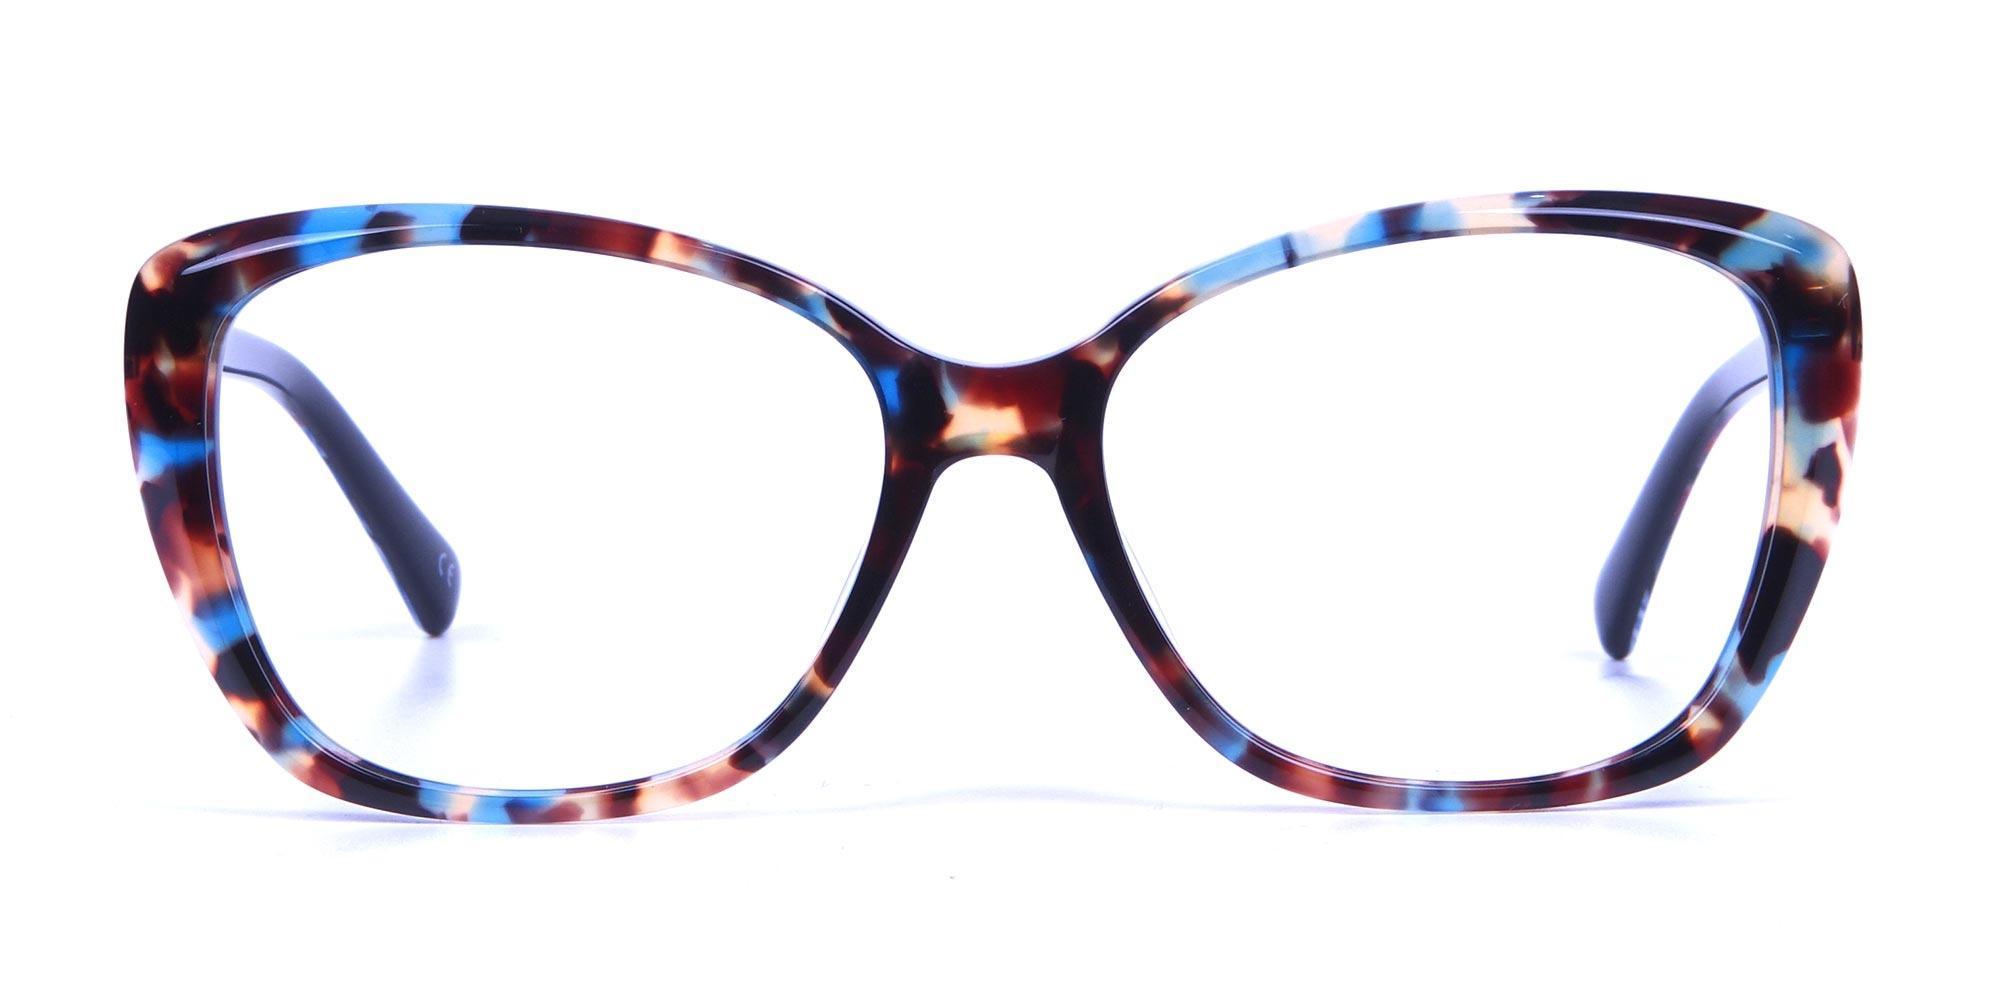 Butterfly Glasses in Blue Red Tortoiseshell Cat-Eye